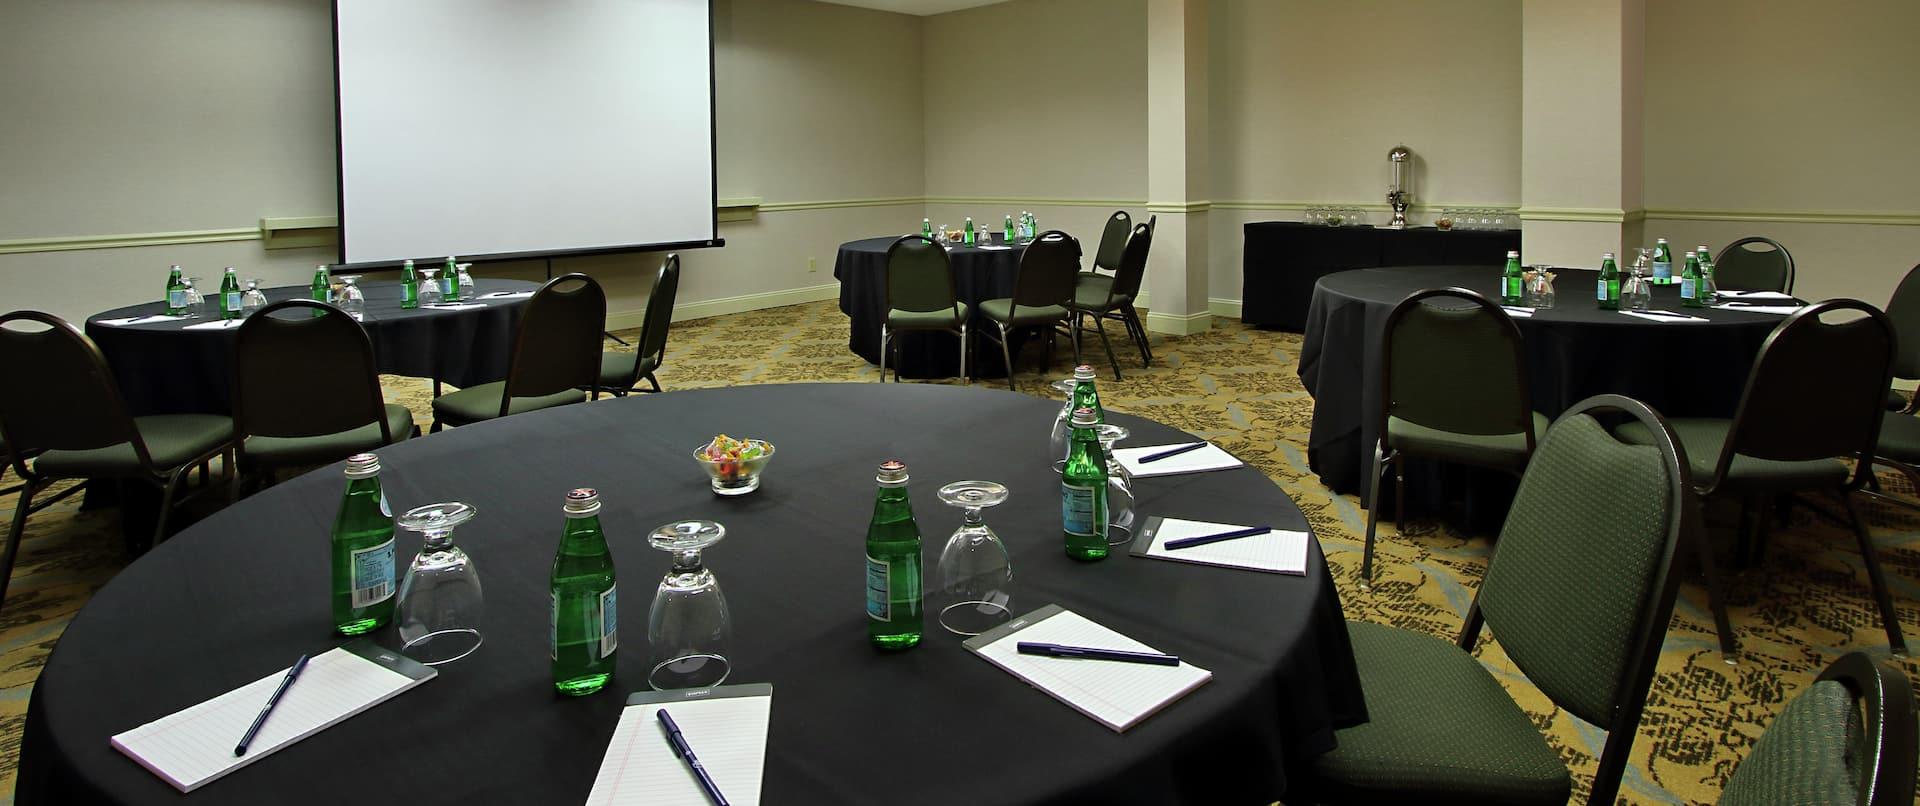 Passaic Meeting Room